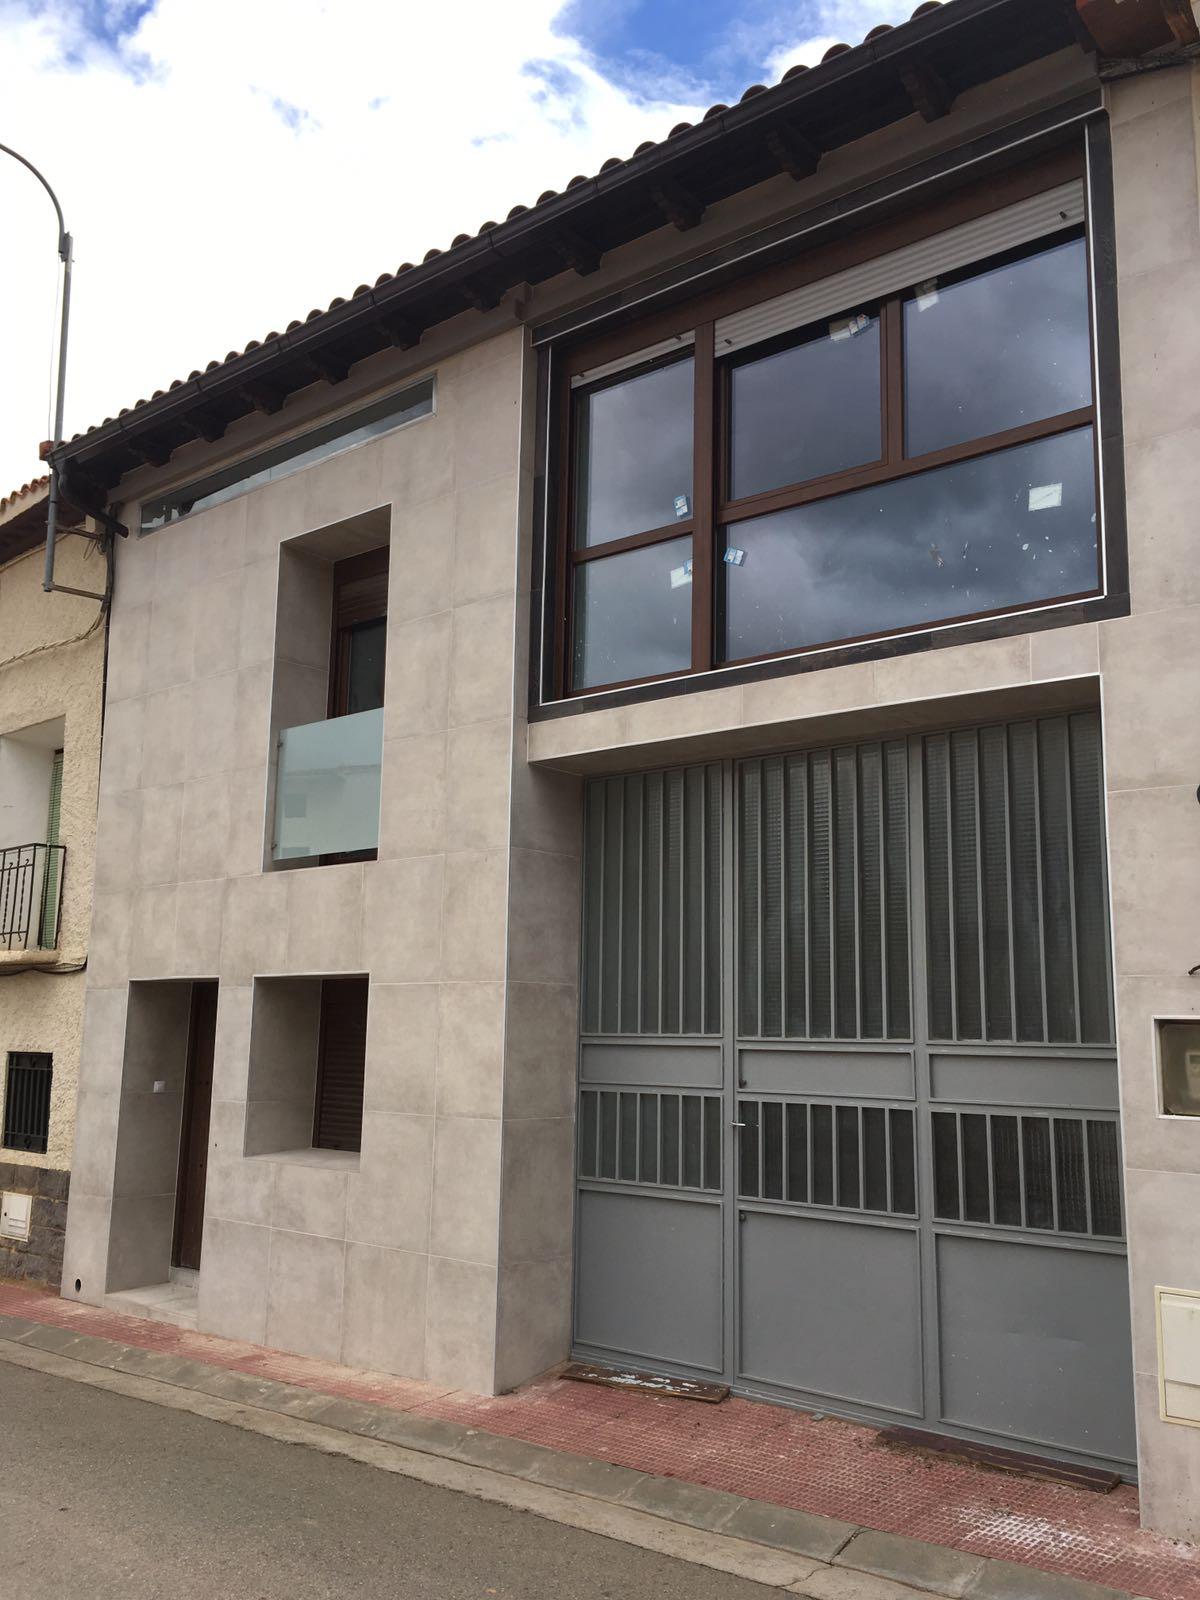 Rehabilitación de Edificios y Viviendas para Zaragoza en 2019